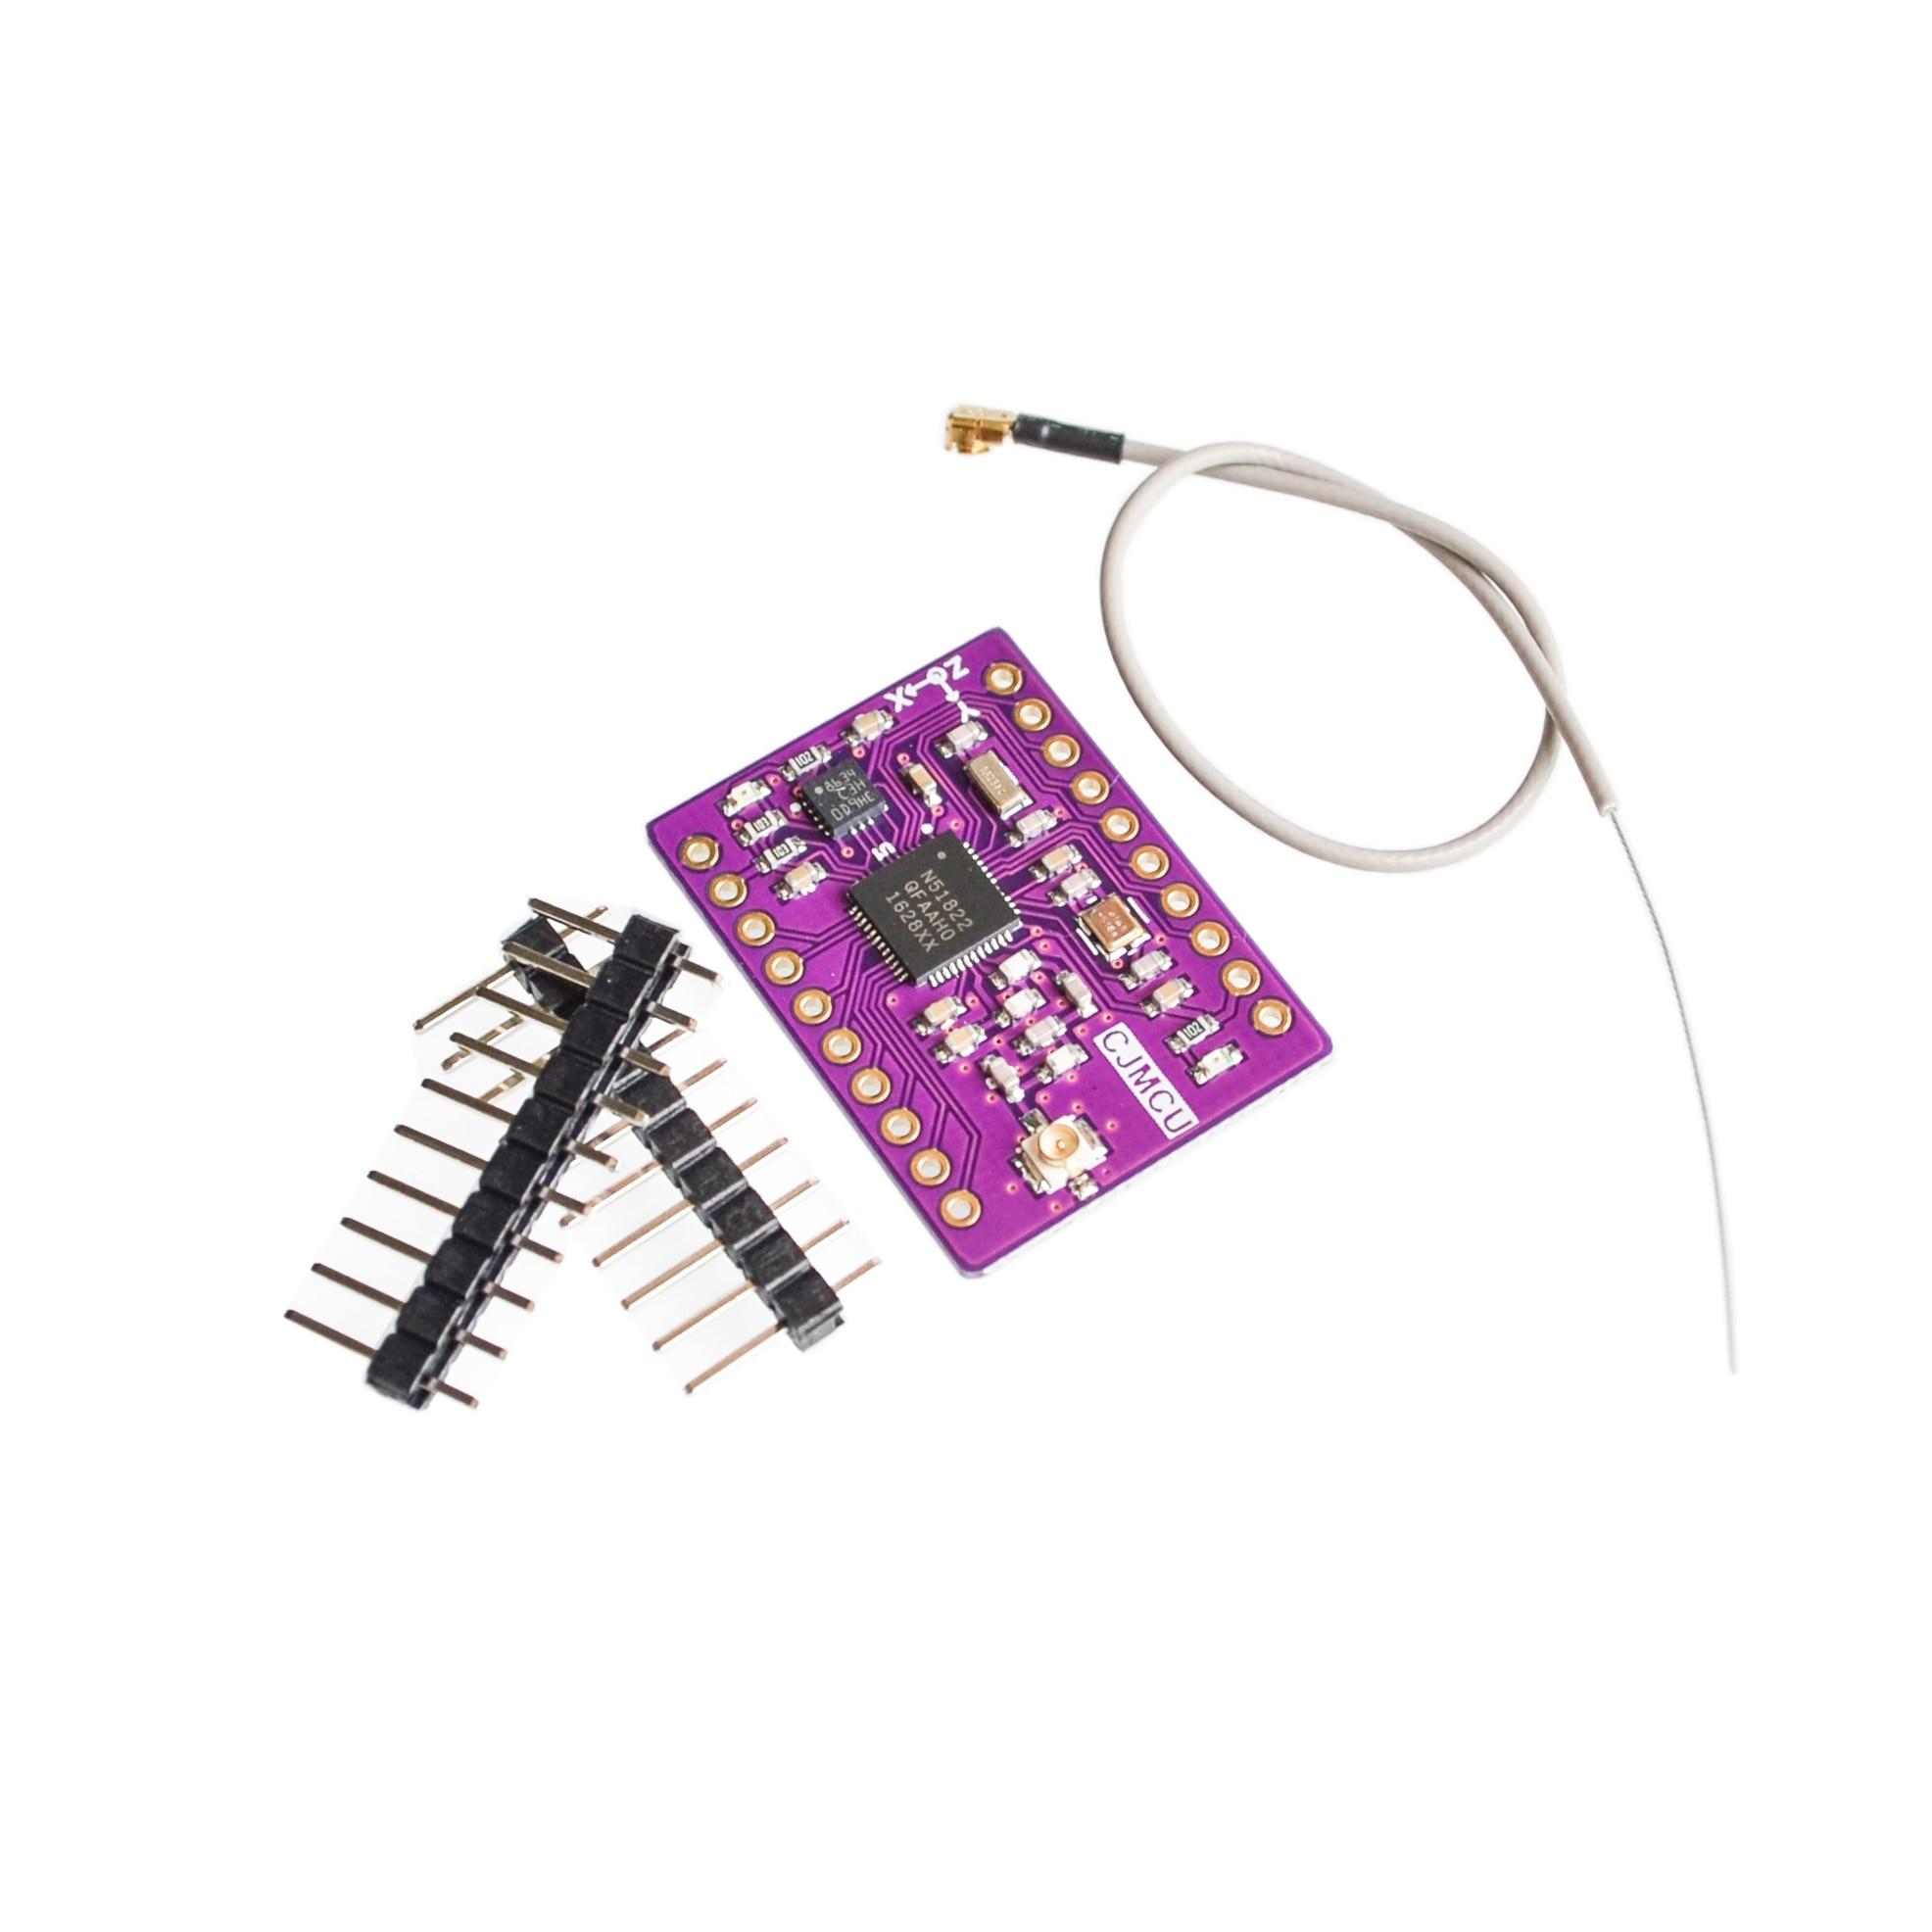 1PCS NEW Nrf51822 LIS3DH Bluetooth Module Development board1PCS NEW Nrf51822 LIS3DH Bluetooth Module Development board